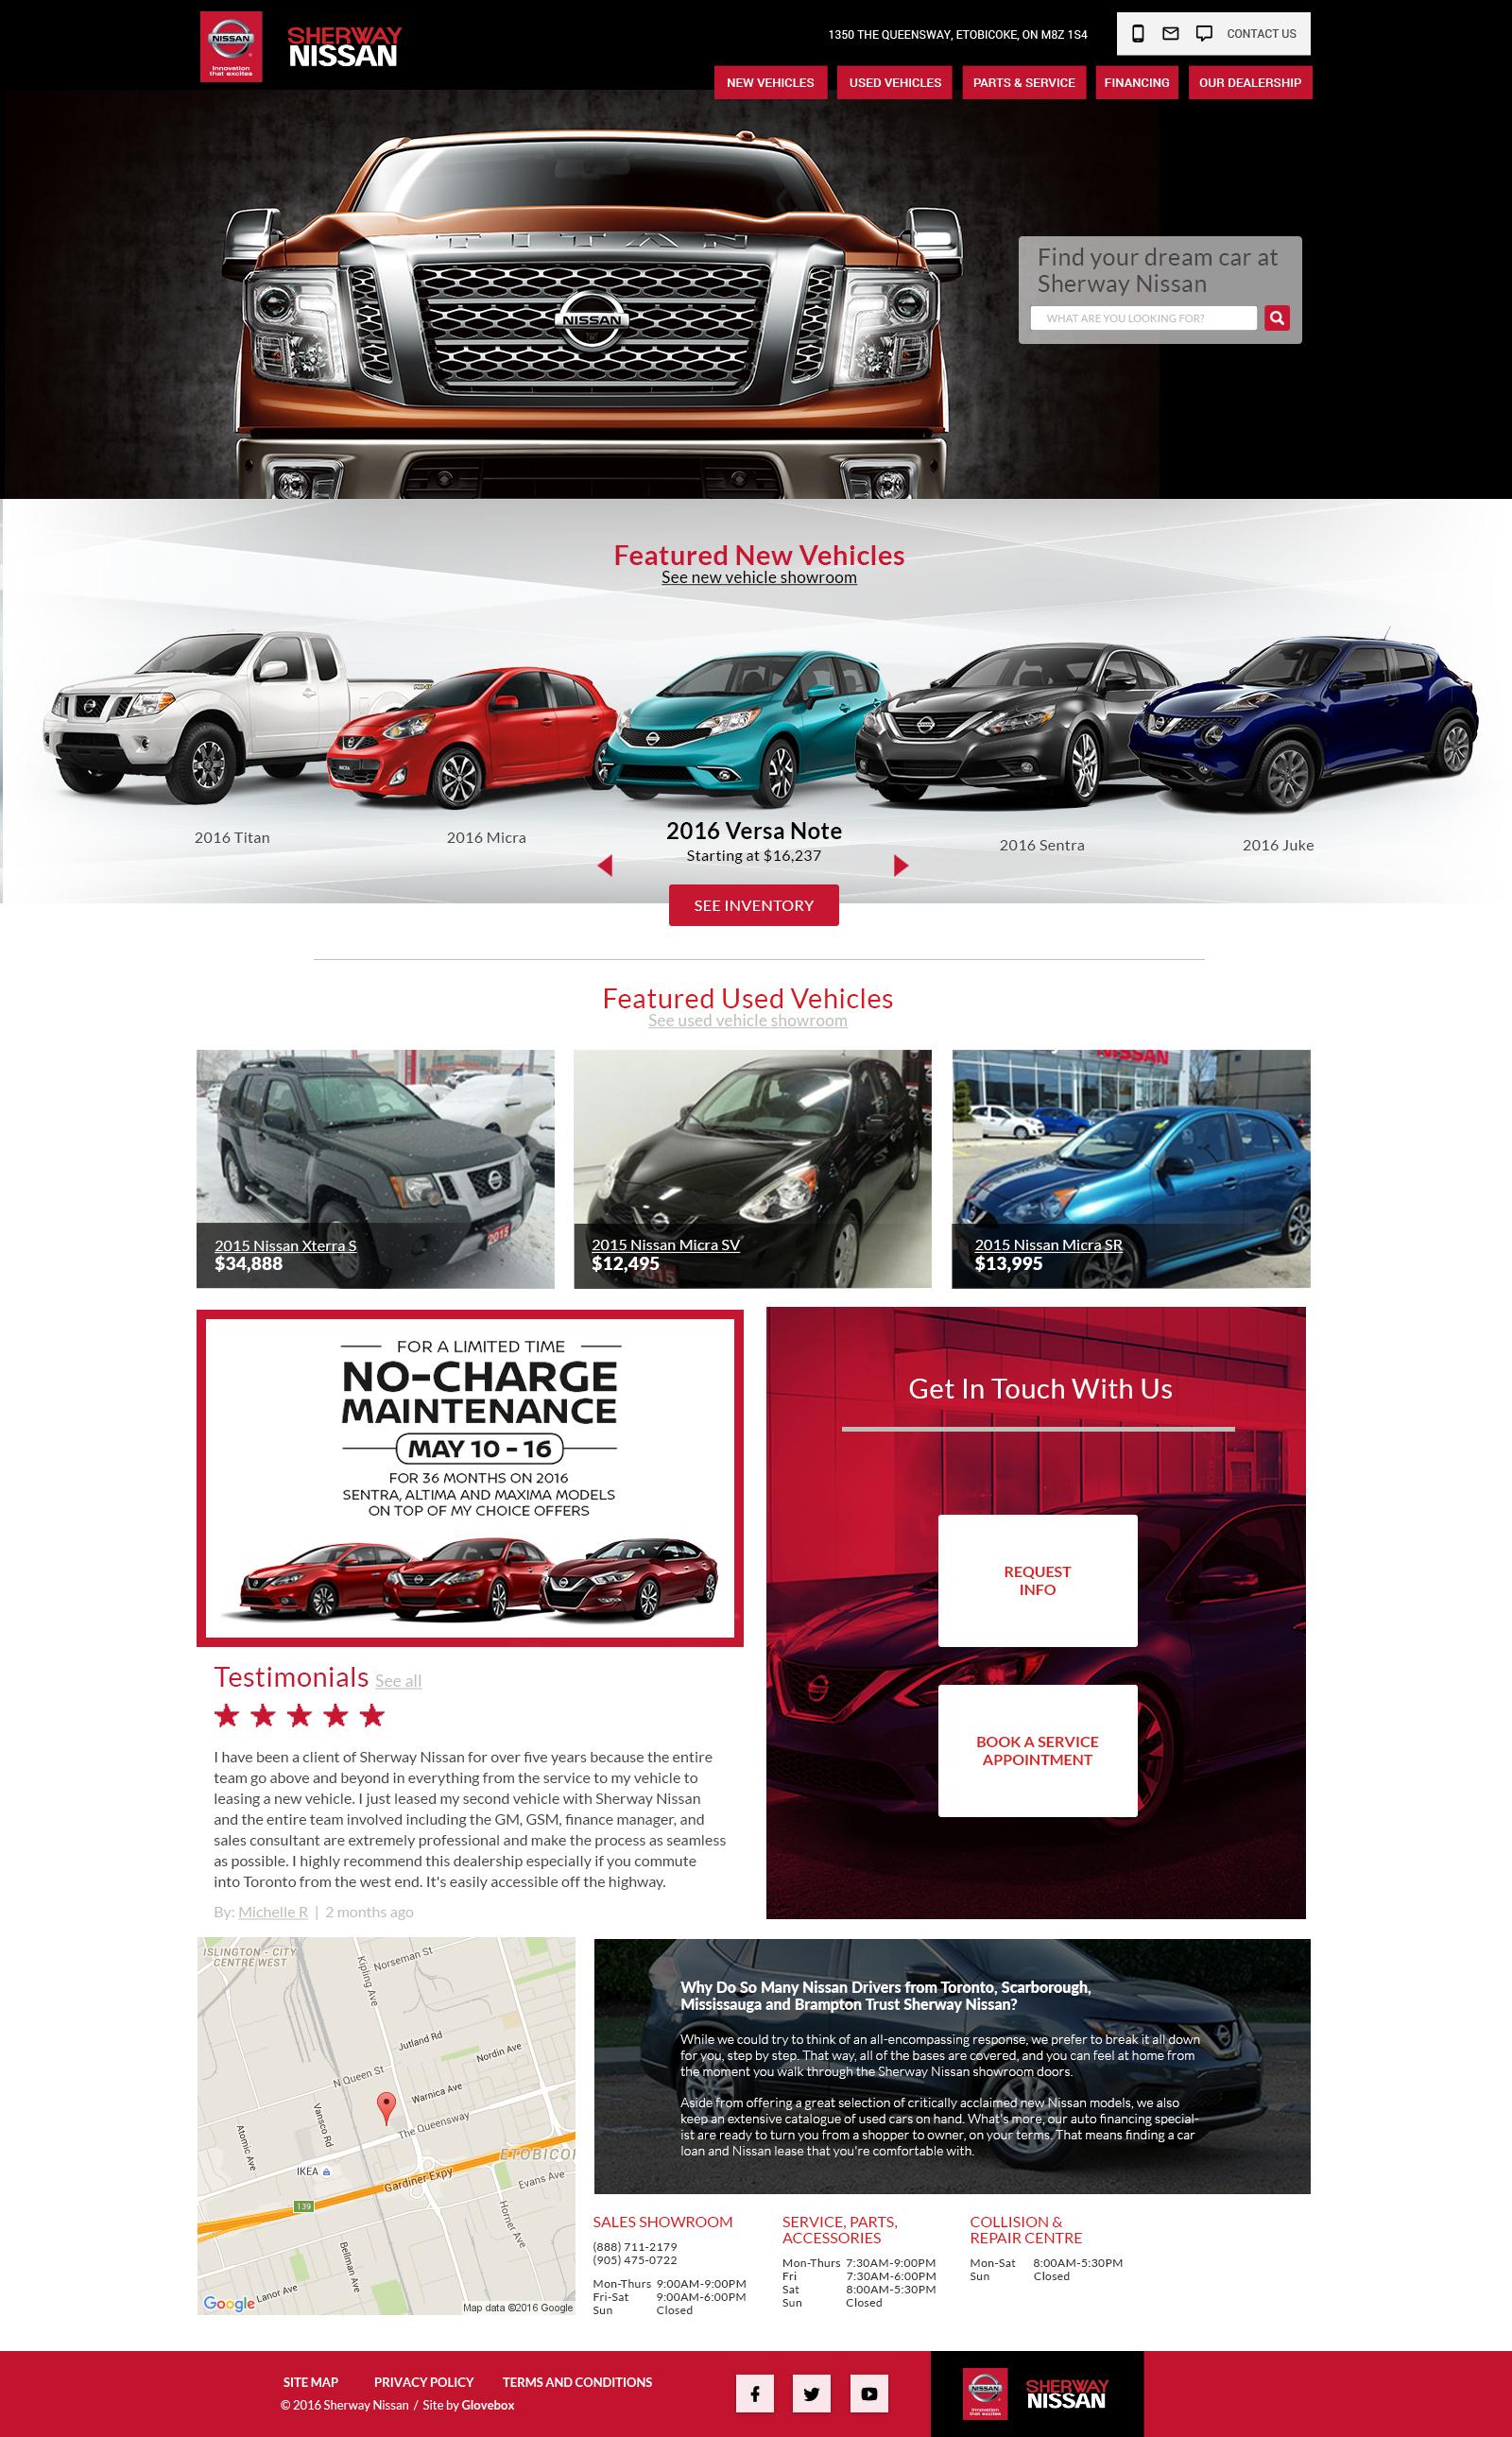 GB_SherwayNissan_Homepage_16001.jpg